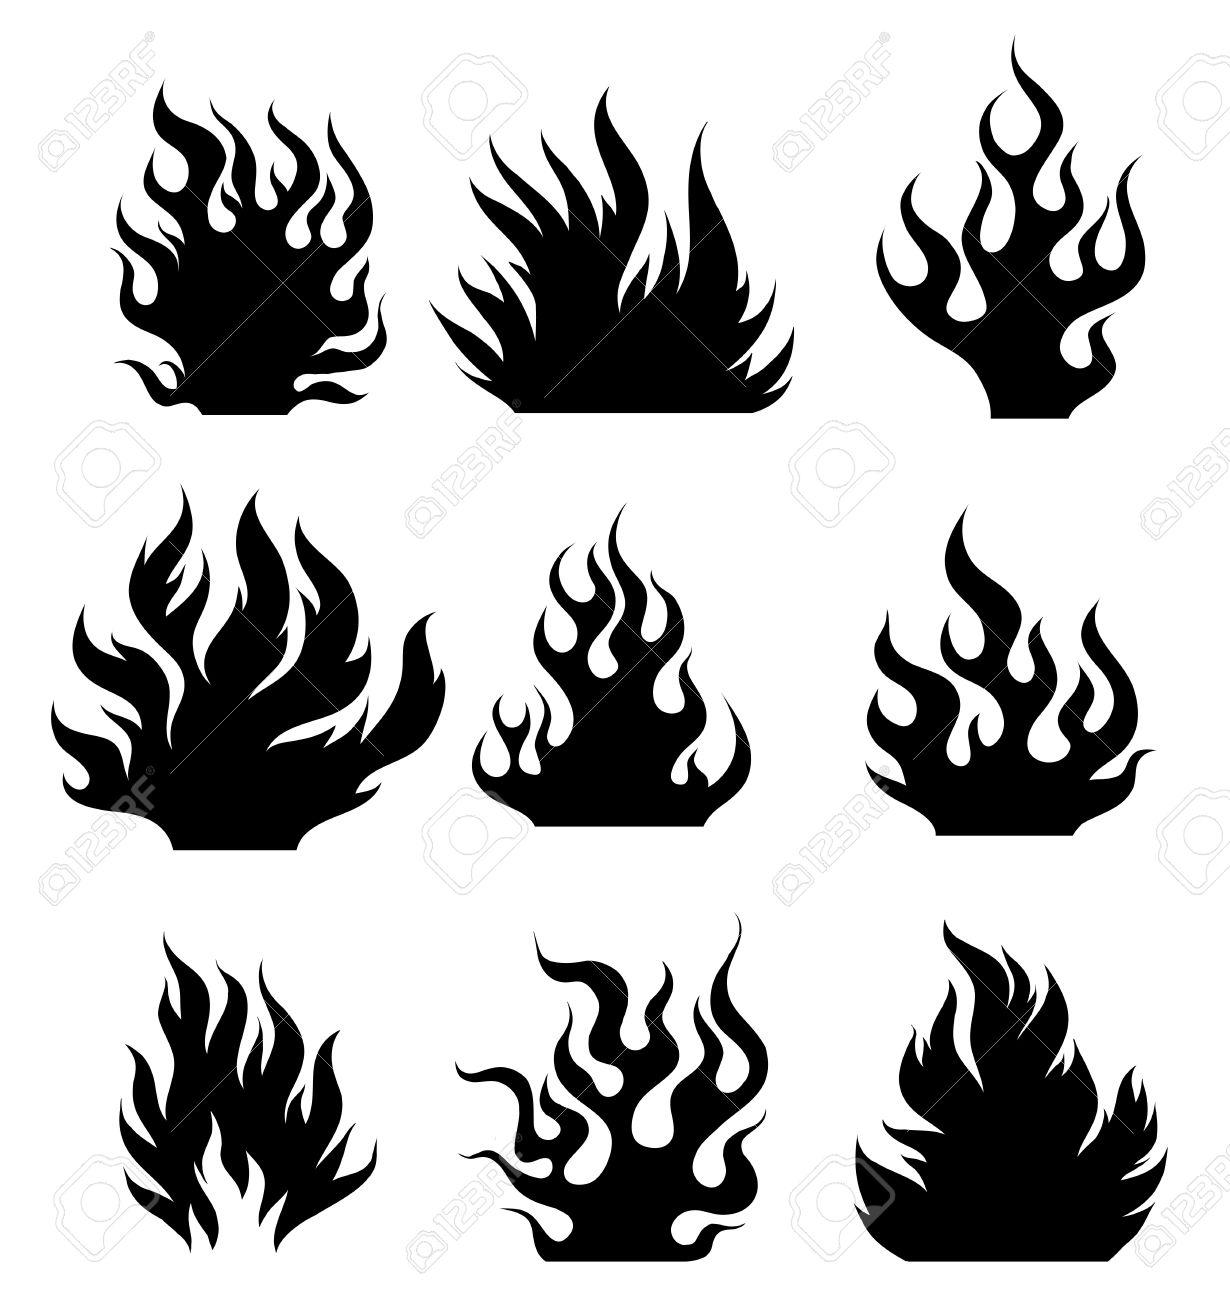 Establecer Los Elementos De Diseño De Fuego Blanco Y Negro Og Para